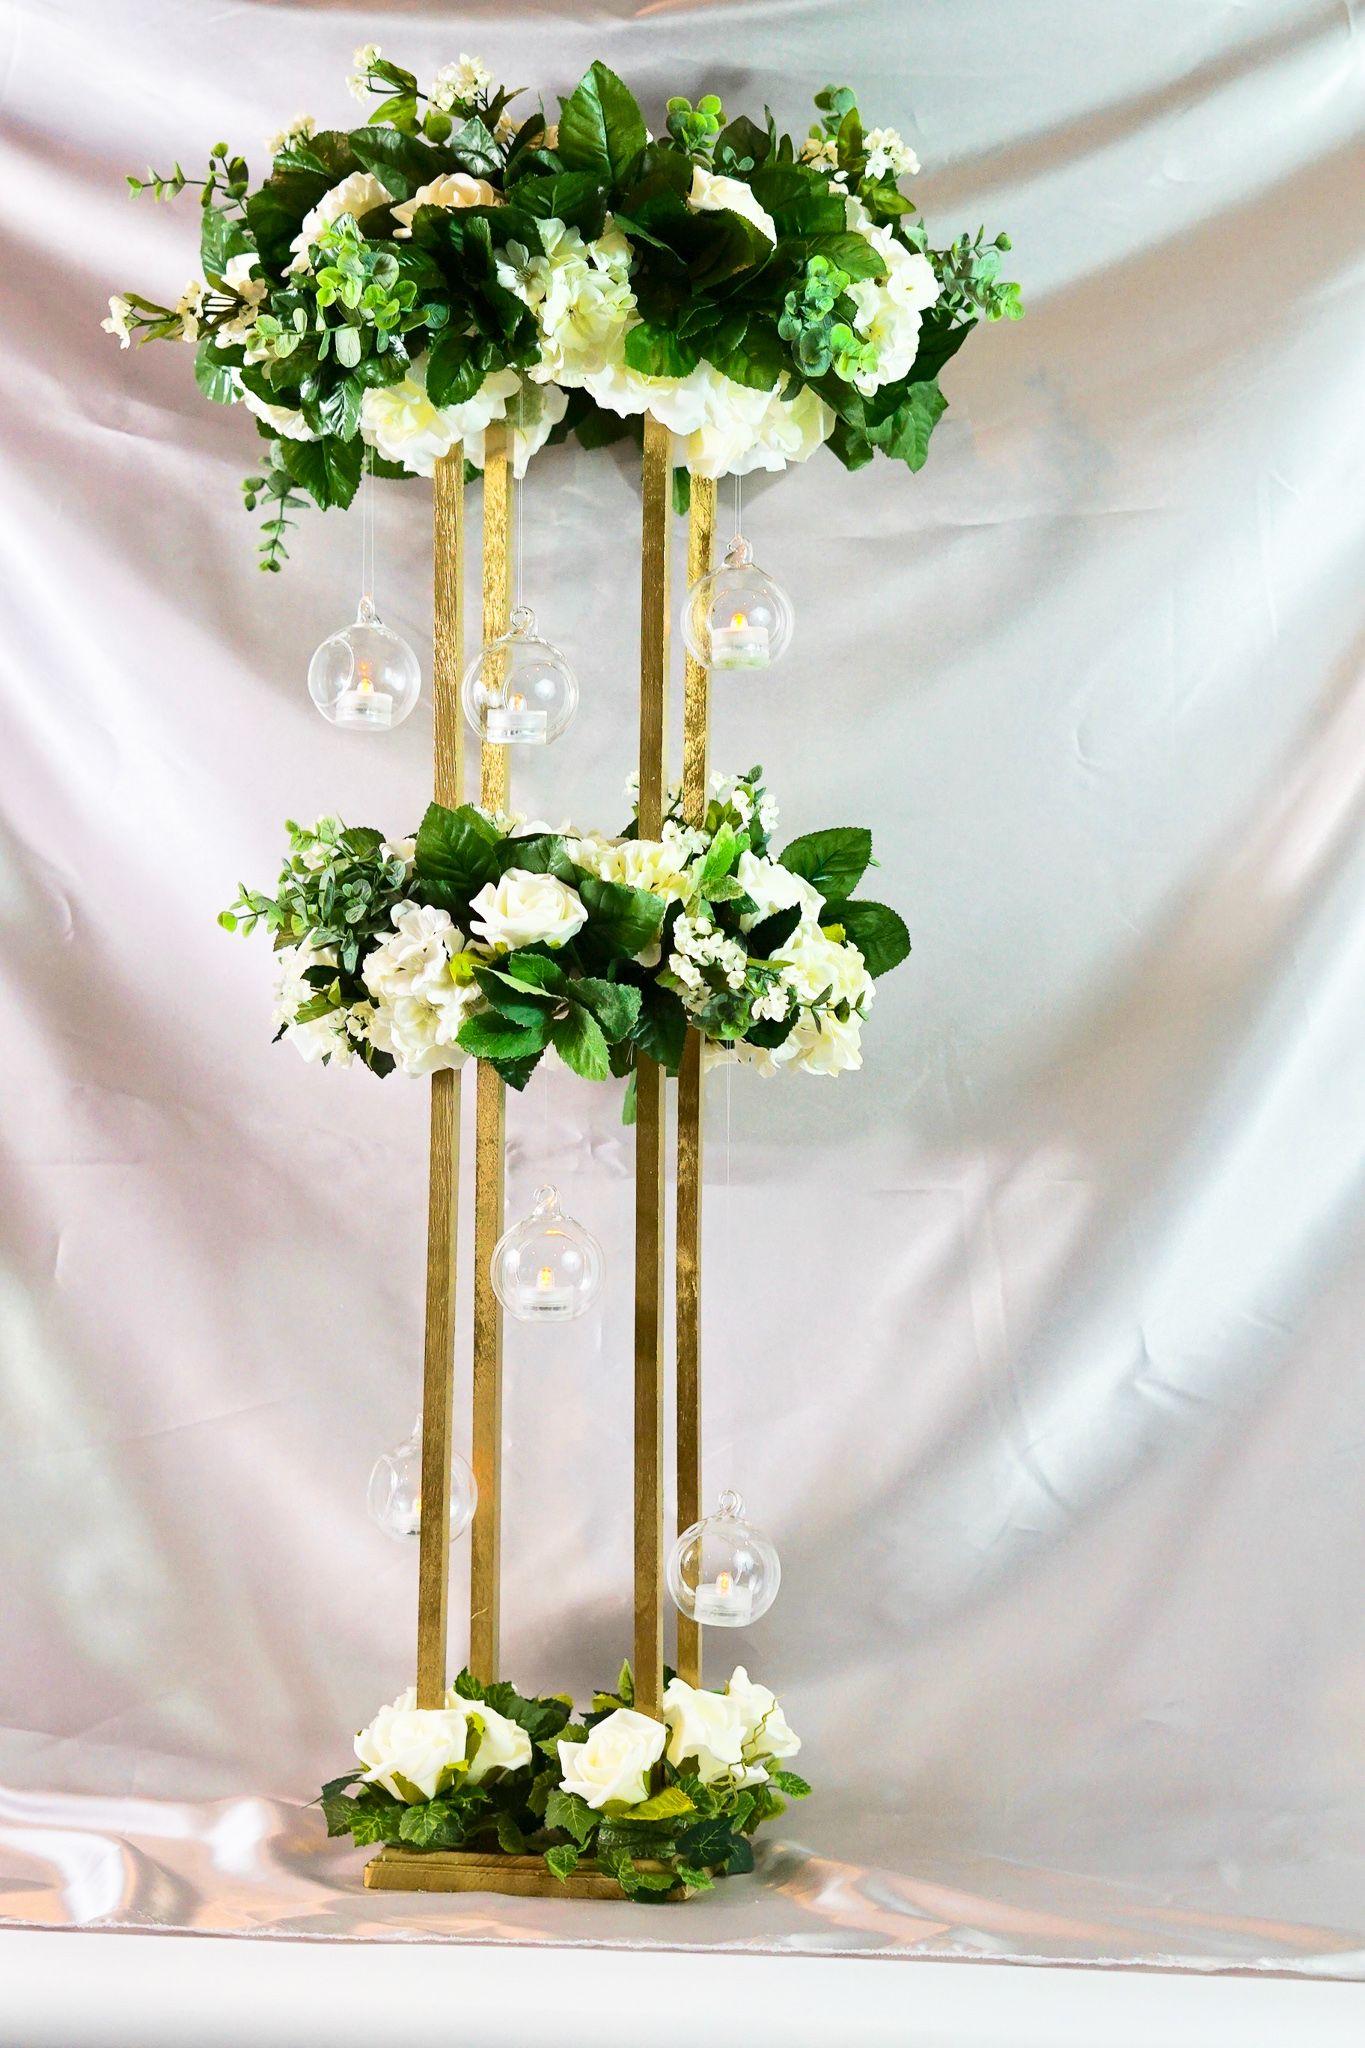 How To Make A Tall Circle Rose Garden Wedding Centerpiece